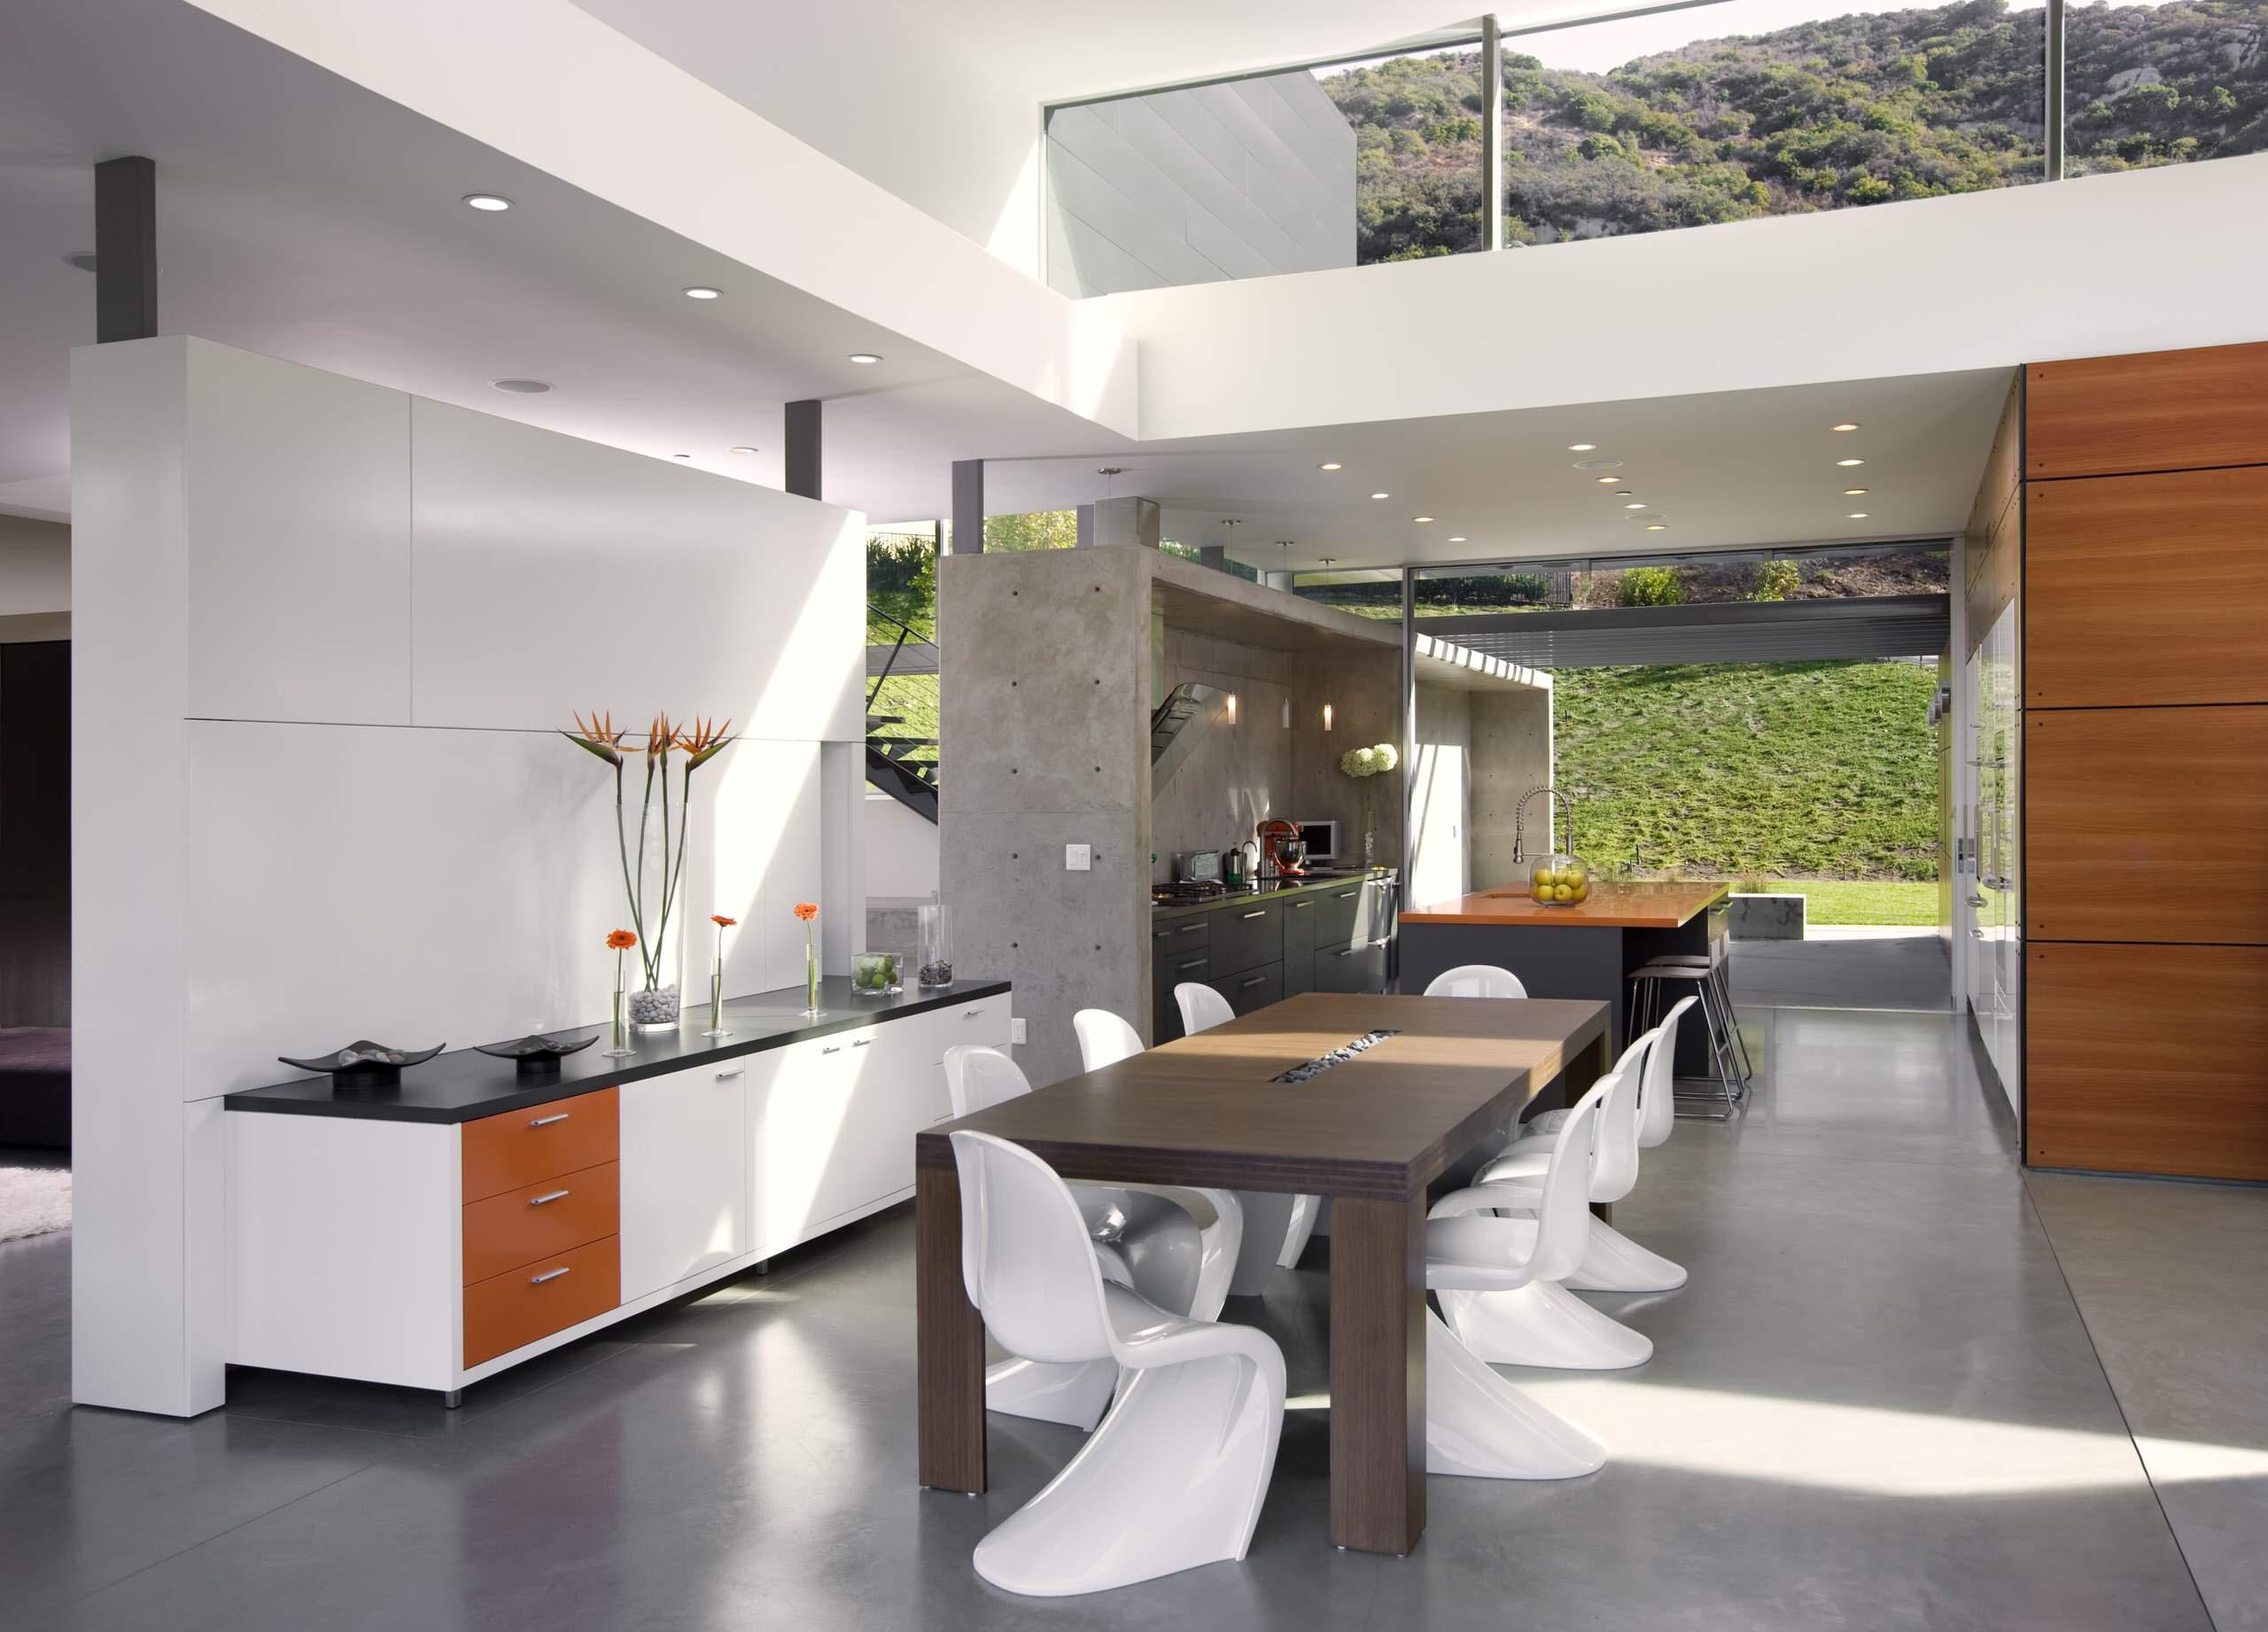 Casa con grandes ventalanes que aportan luz e iluminación